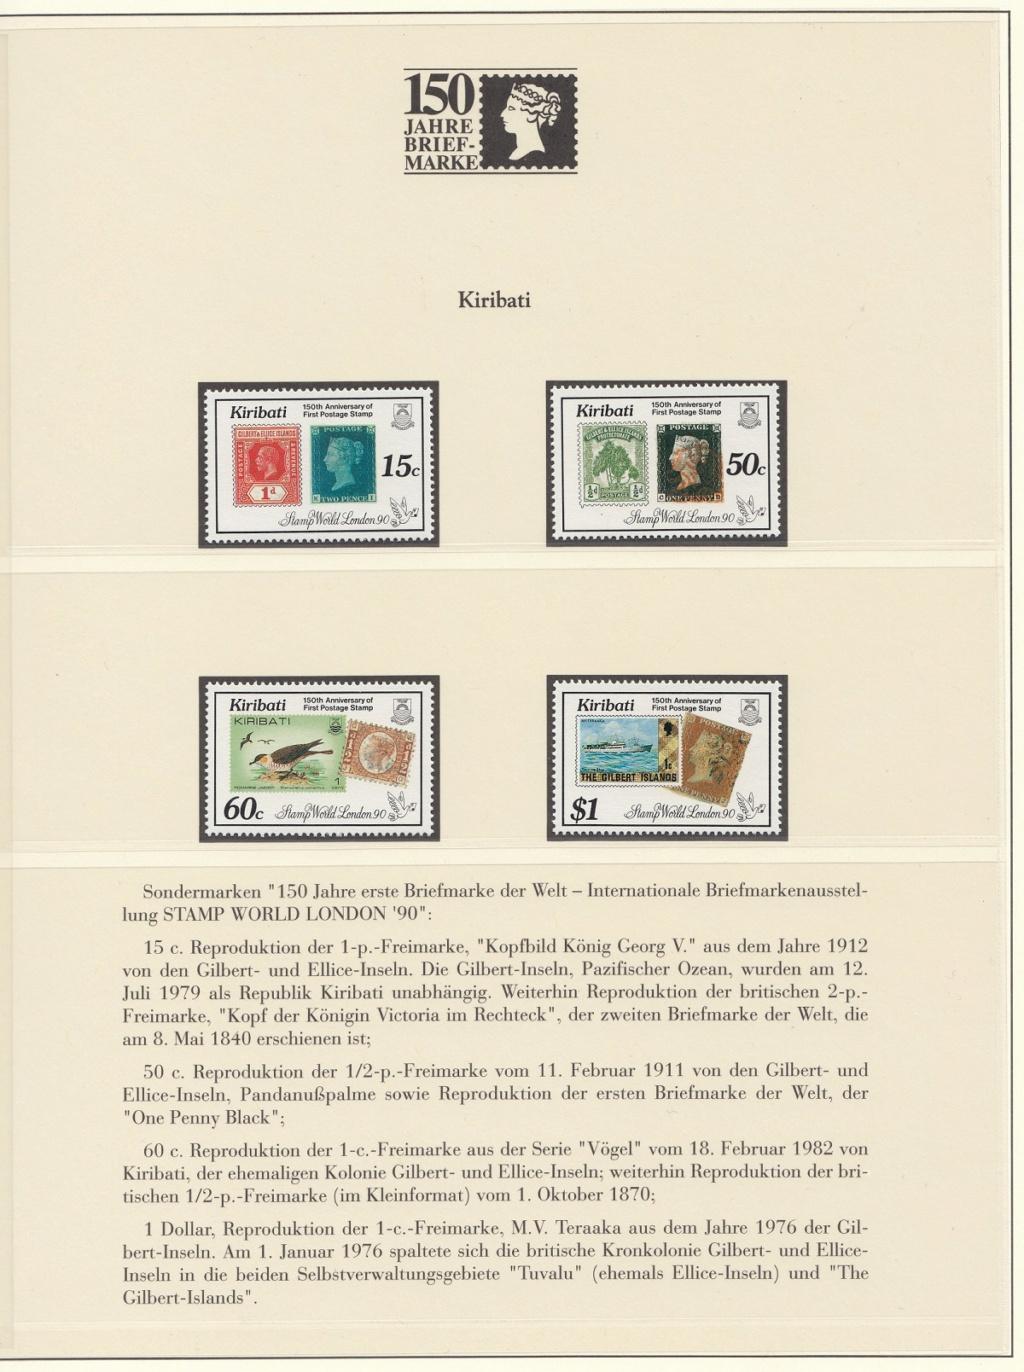 180 Jahre Briefmarke 150-3610